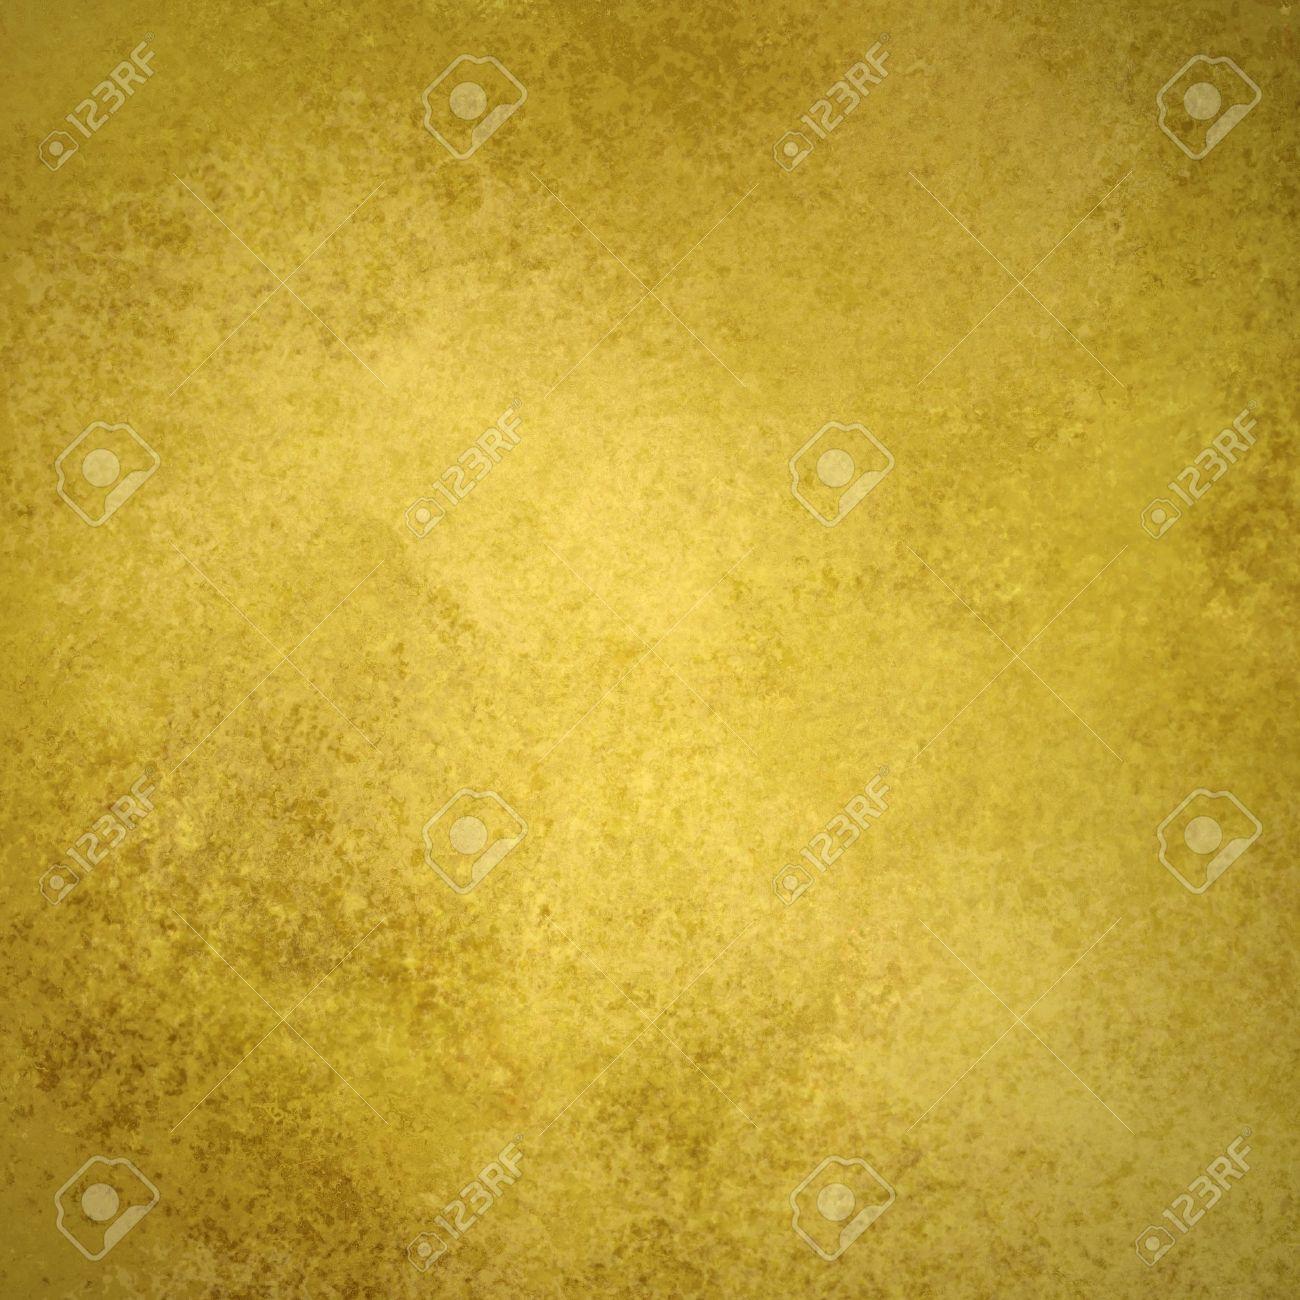 Spacious Brauntöne Wand Gallery Of Goldgrund Oder Altgold Papier Mit Warmen Satten